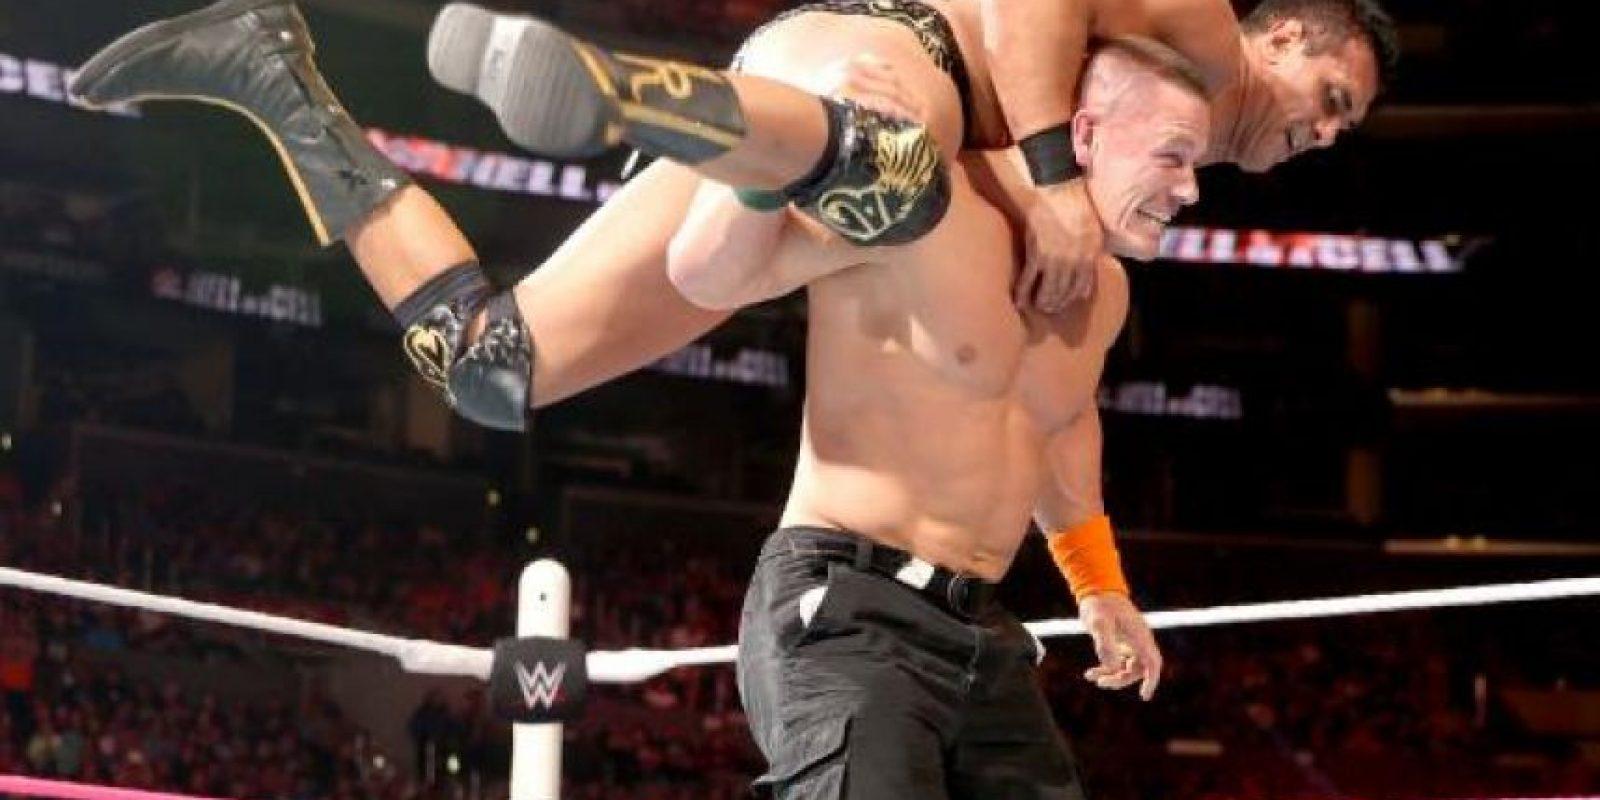 """La canción """"You can't see me"""", tema con el que ingresa al ring, fue lanzada el 10 de mayo de 2005 Foto:WWE"""